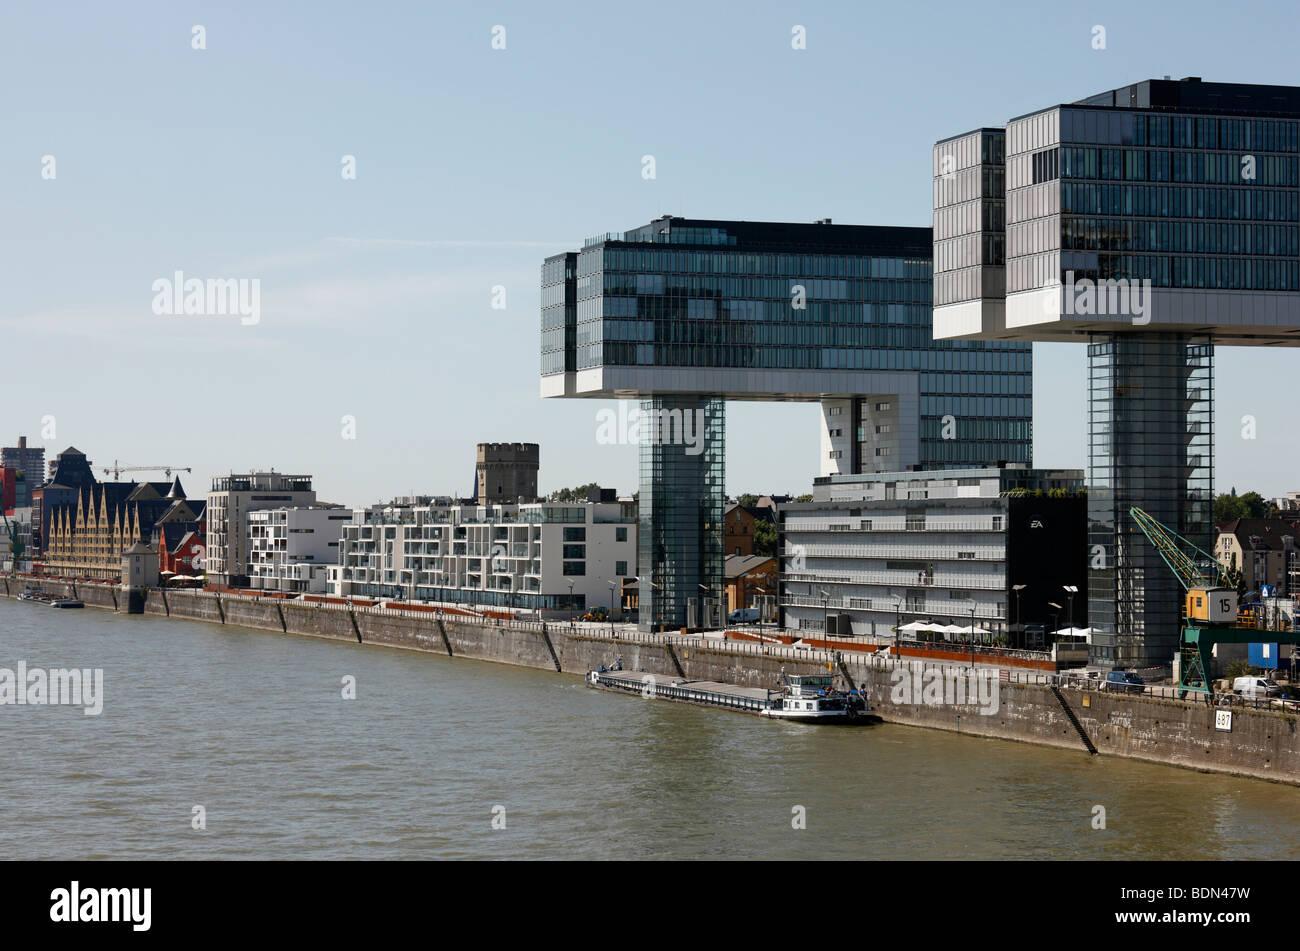 Köln, Rheinauhafen, Rheinfront mit neuen Hochhäusern - Stock Image